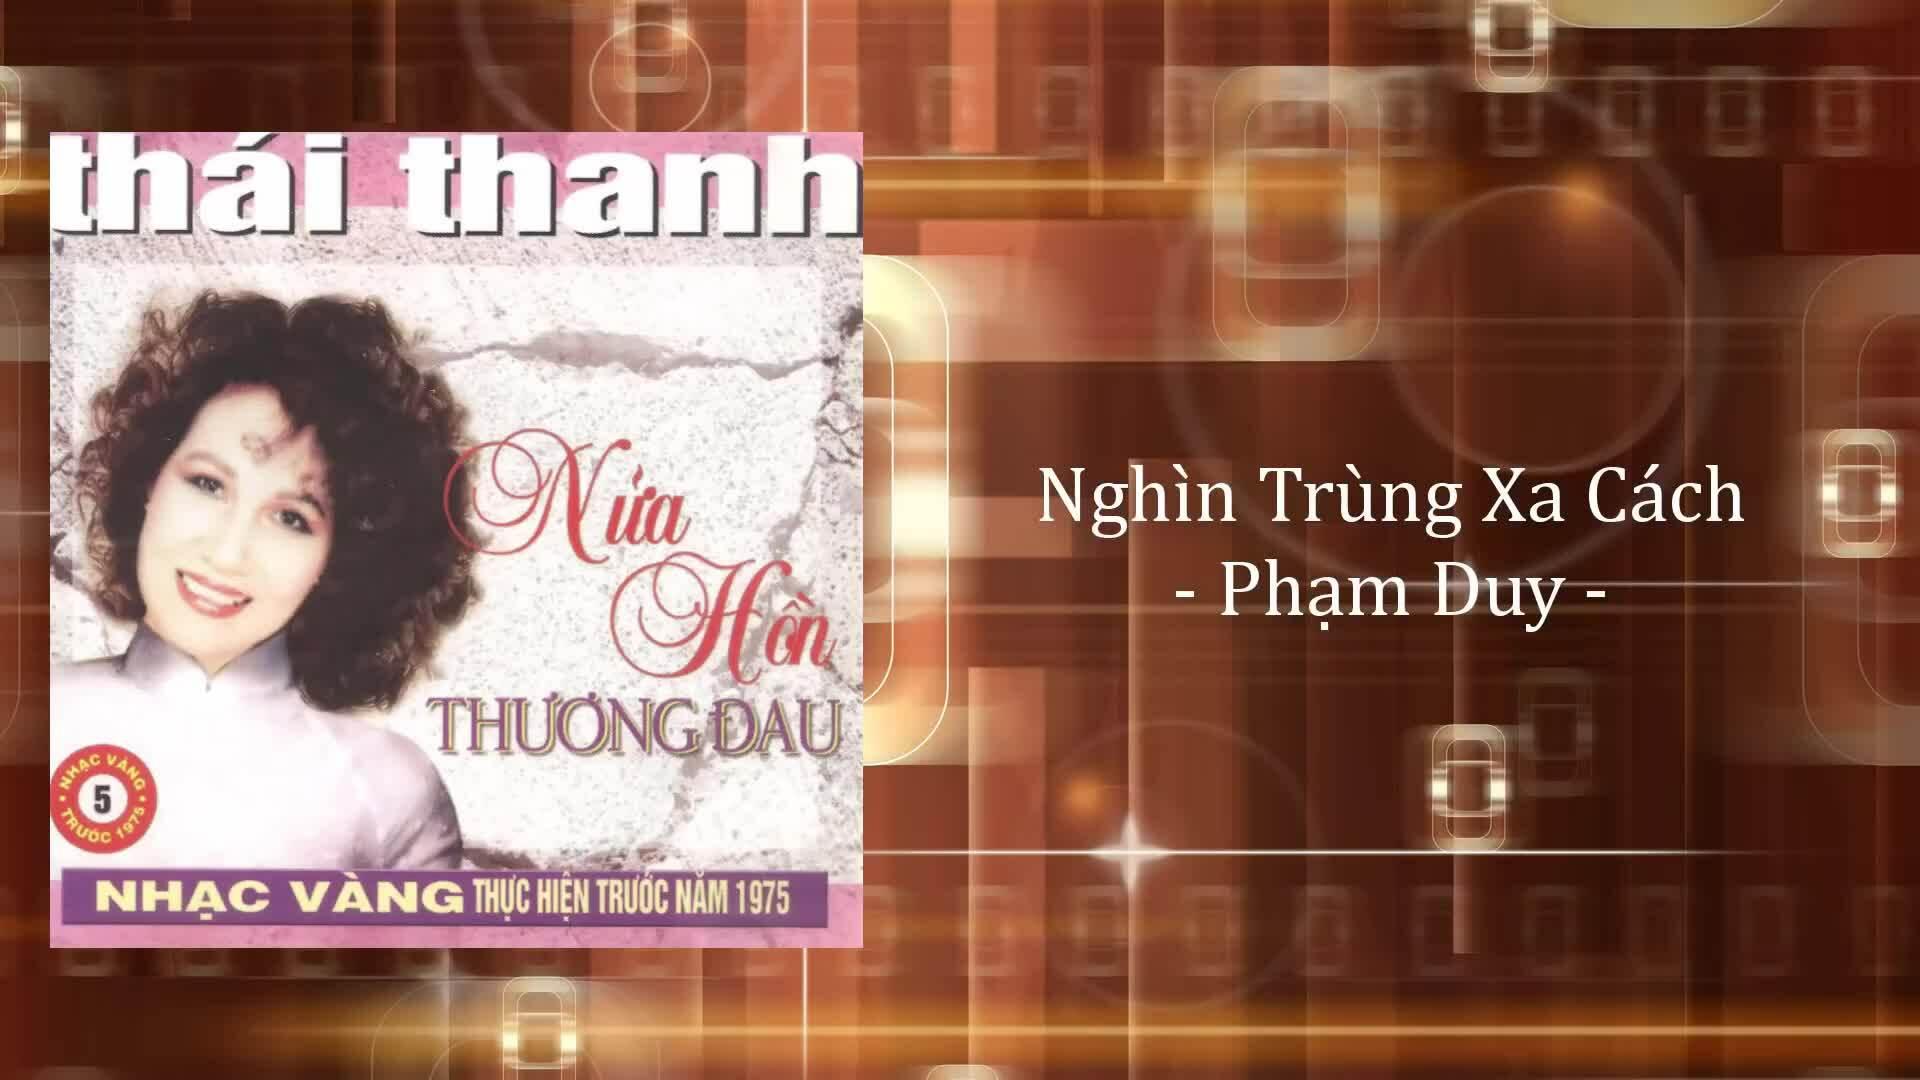 Thái Thanh hát Nghìn trùng xa cách